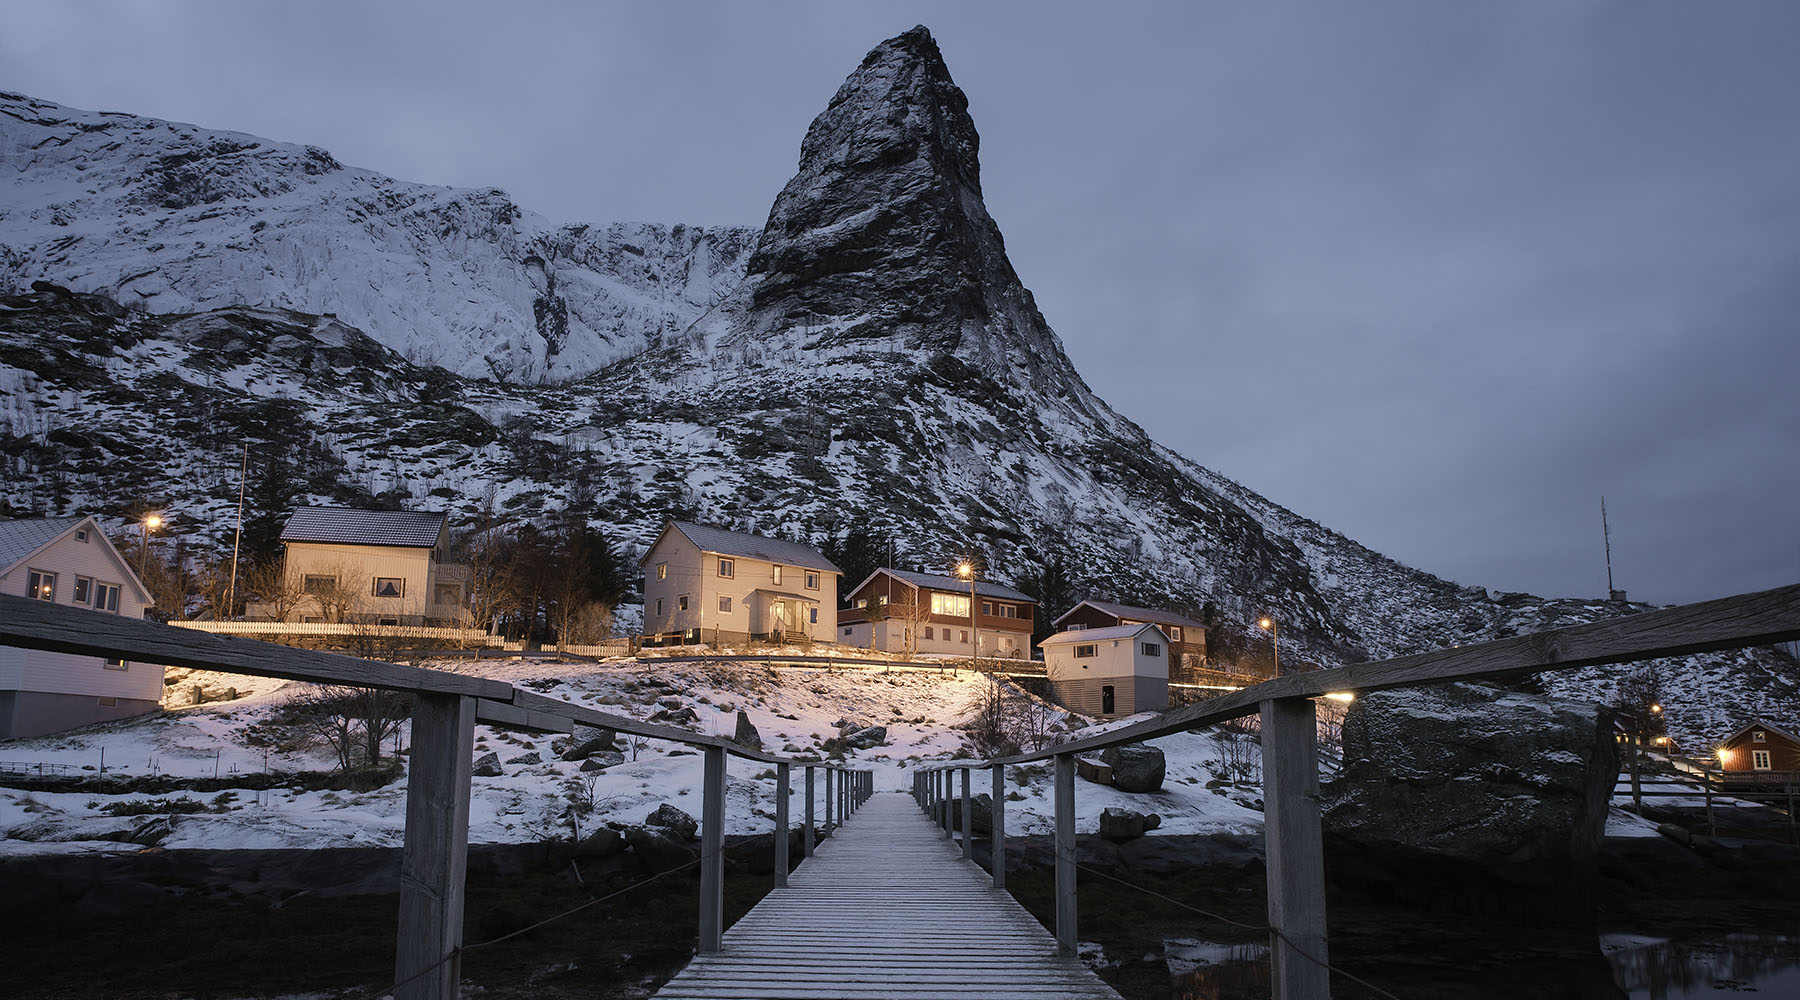 Reine bridge - Lofoten Islands, Norway